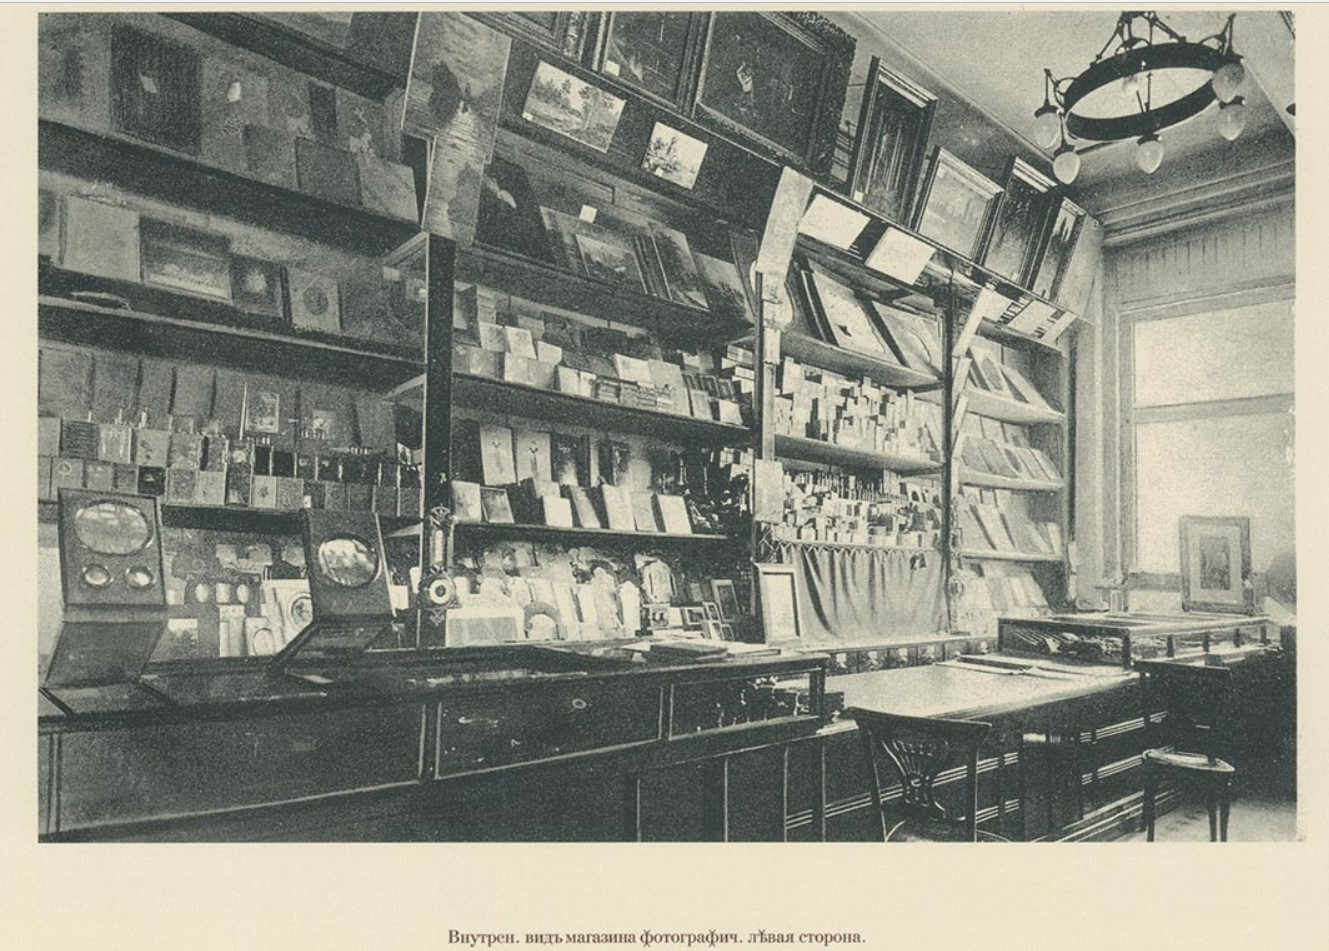 04. Внутренний вид магазина. Фотографическая левая сторона